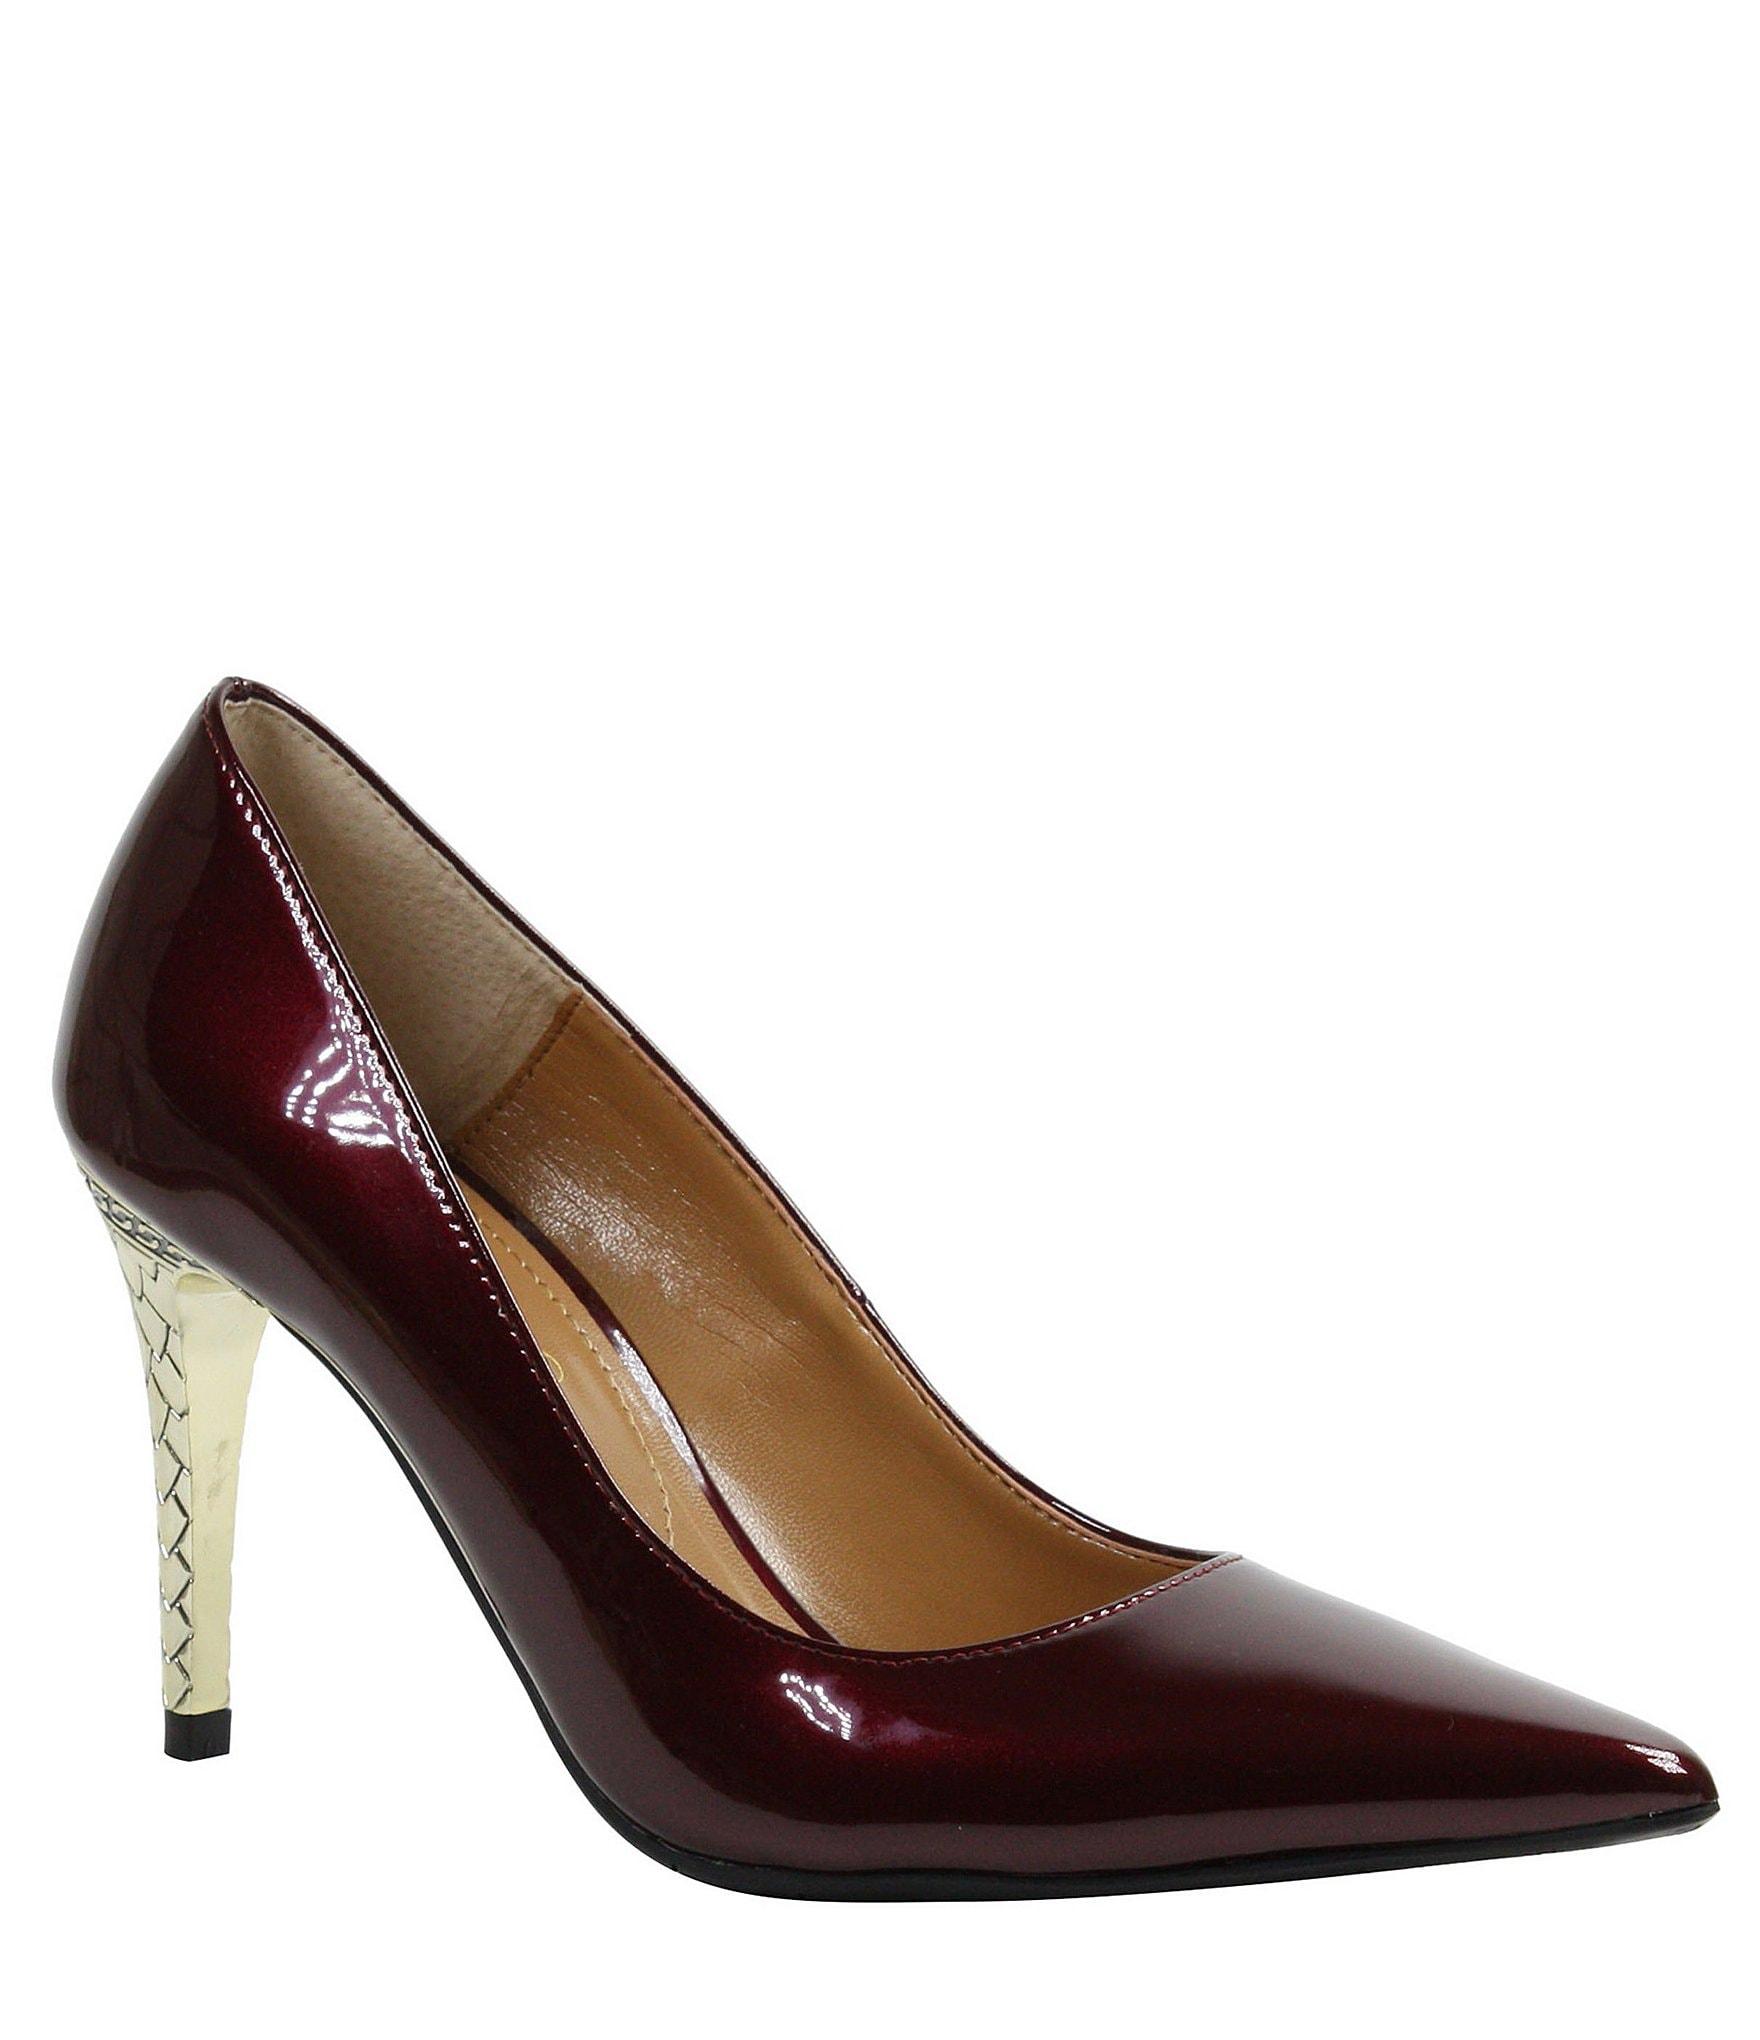 76d1ec55ddd9 Sale   Clearance Shoes